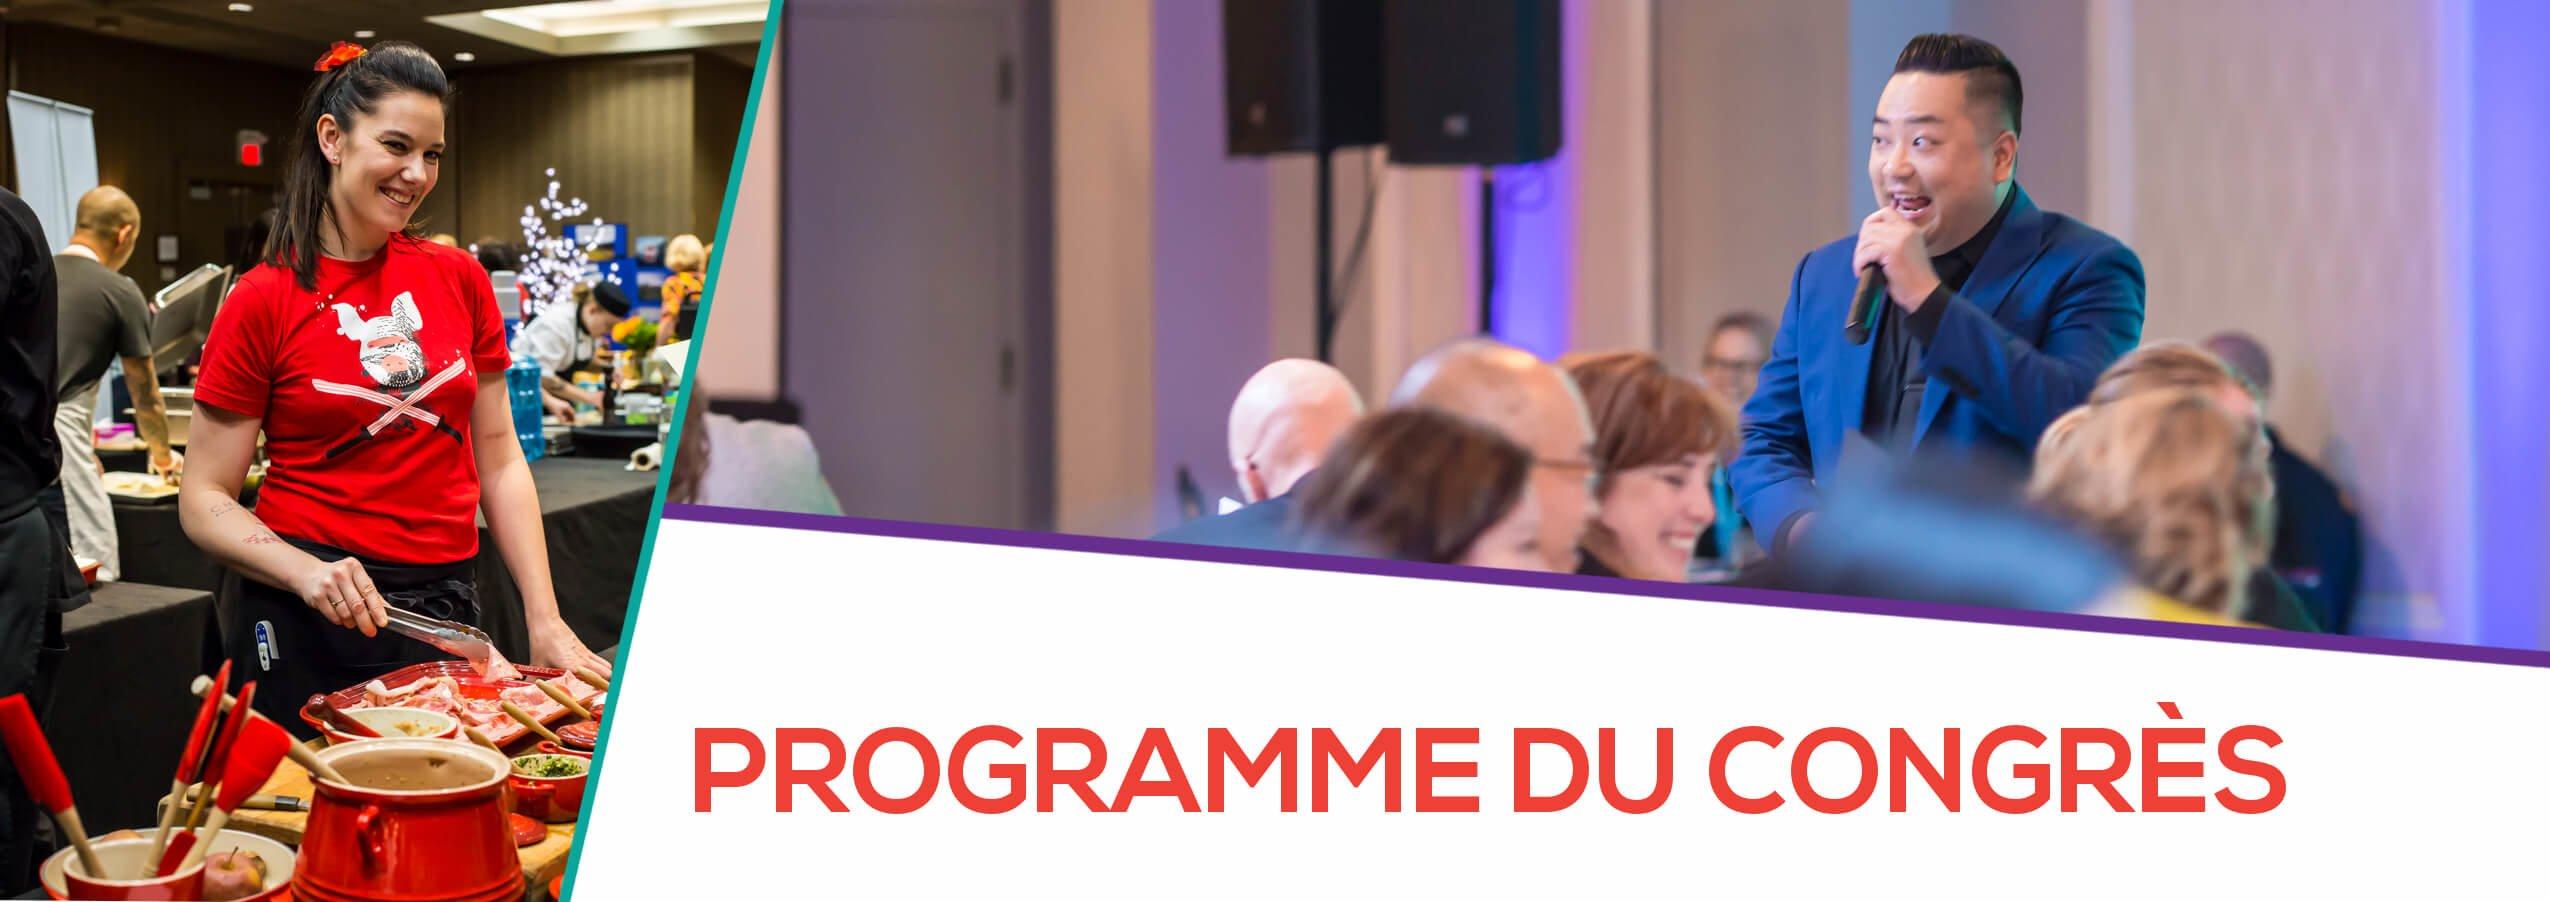 Programme du congrès